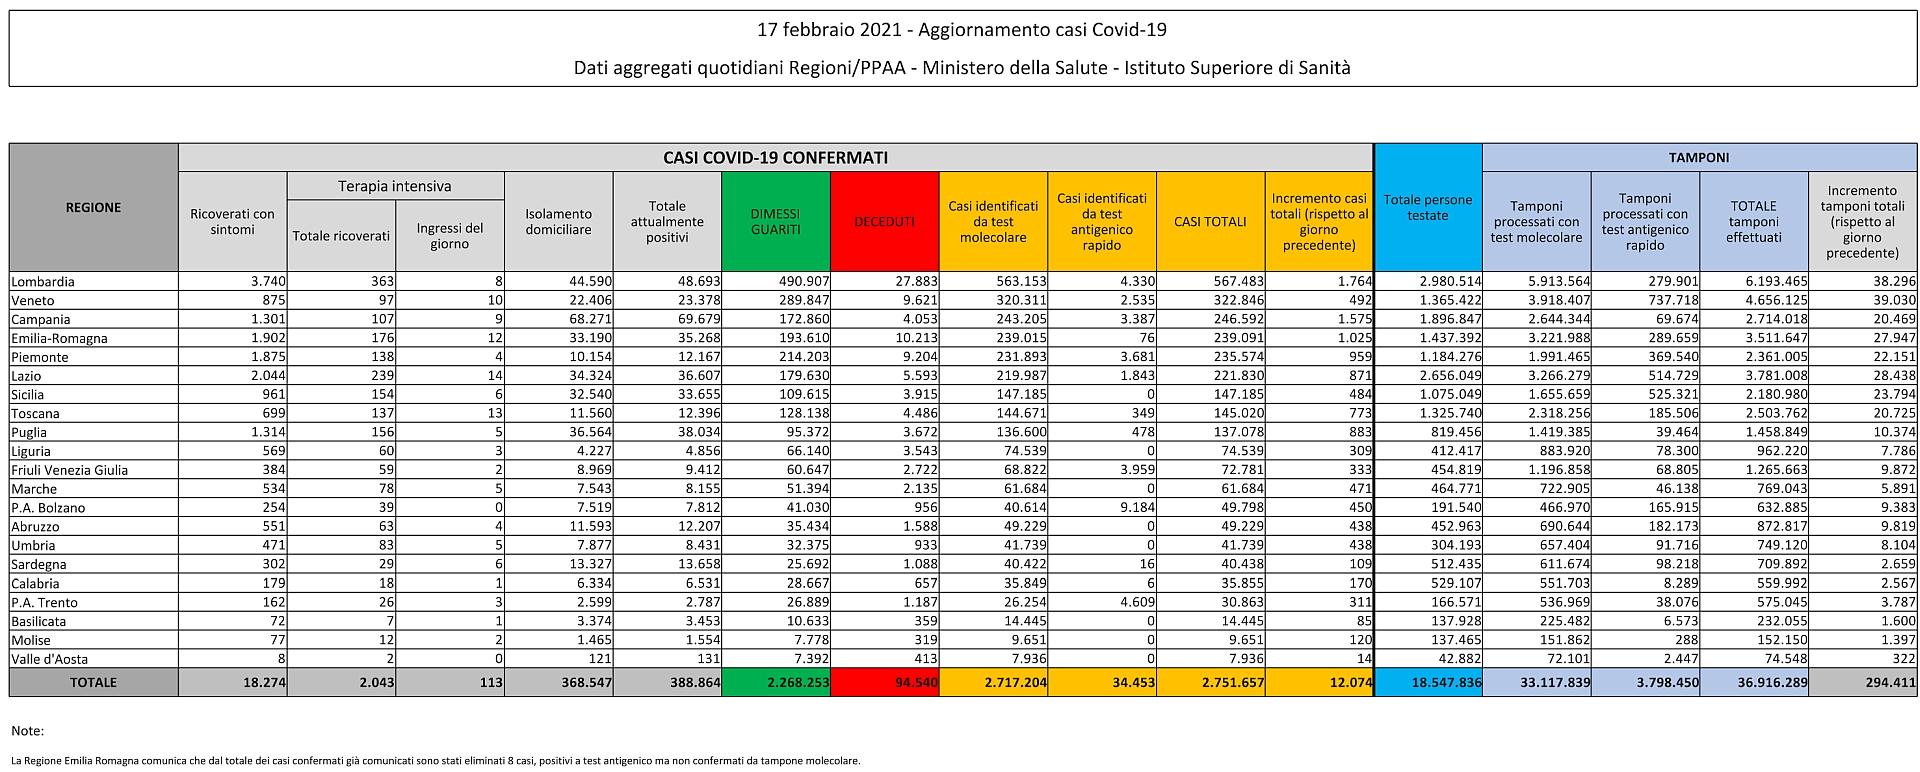 17 febbraio 2021 - Aggiornamento casi Covid-19 Dati aggregati quotidiani Regioni/PPAA - Ministero della Salute - Istituto Superiore di Sanità